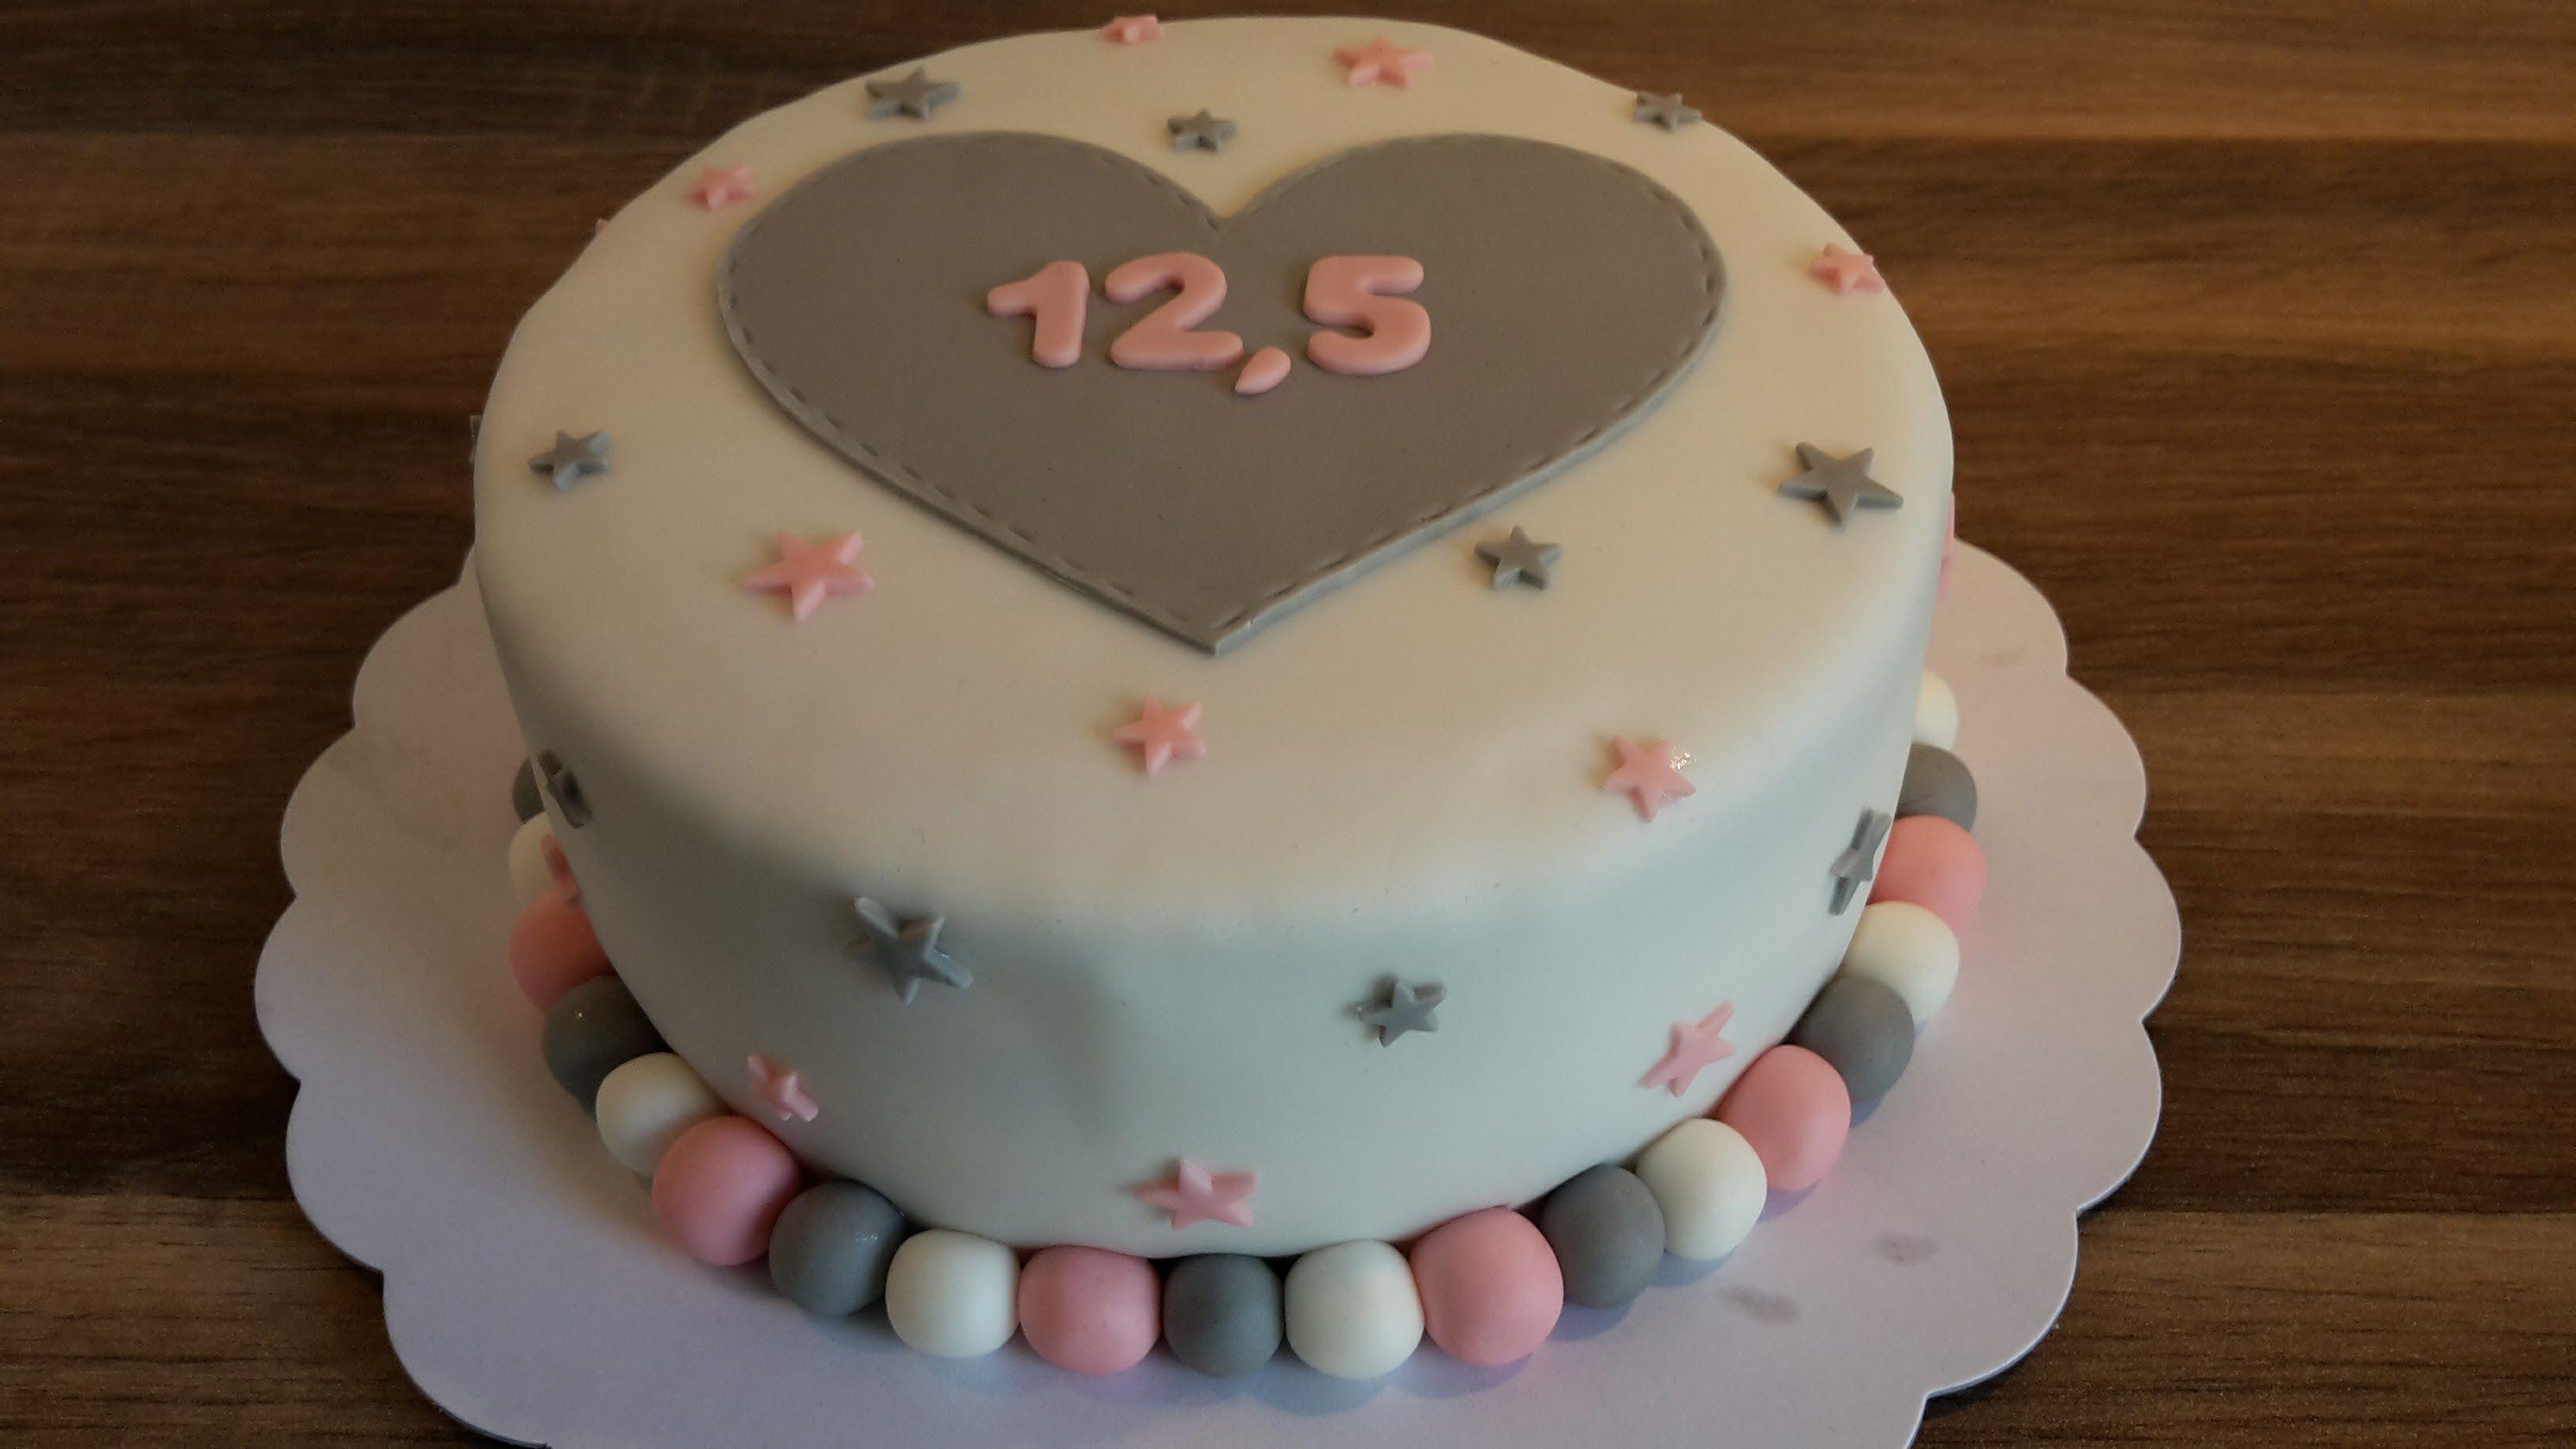 Nieuw 12,5 jaar getrouwd taart / wedding anniversary cake | Taart UZ-71